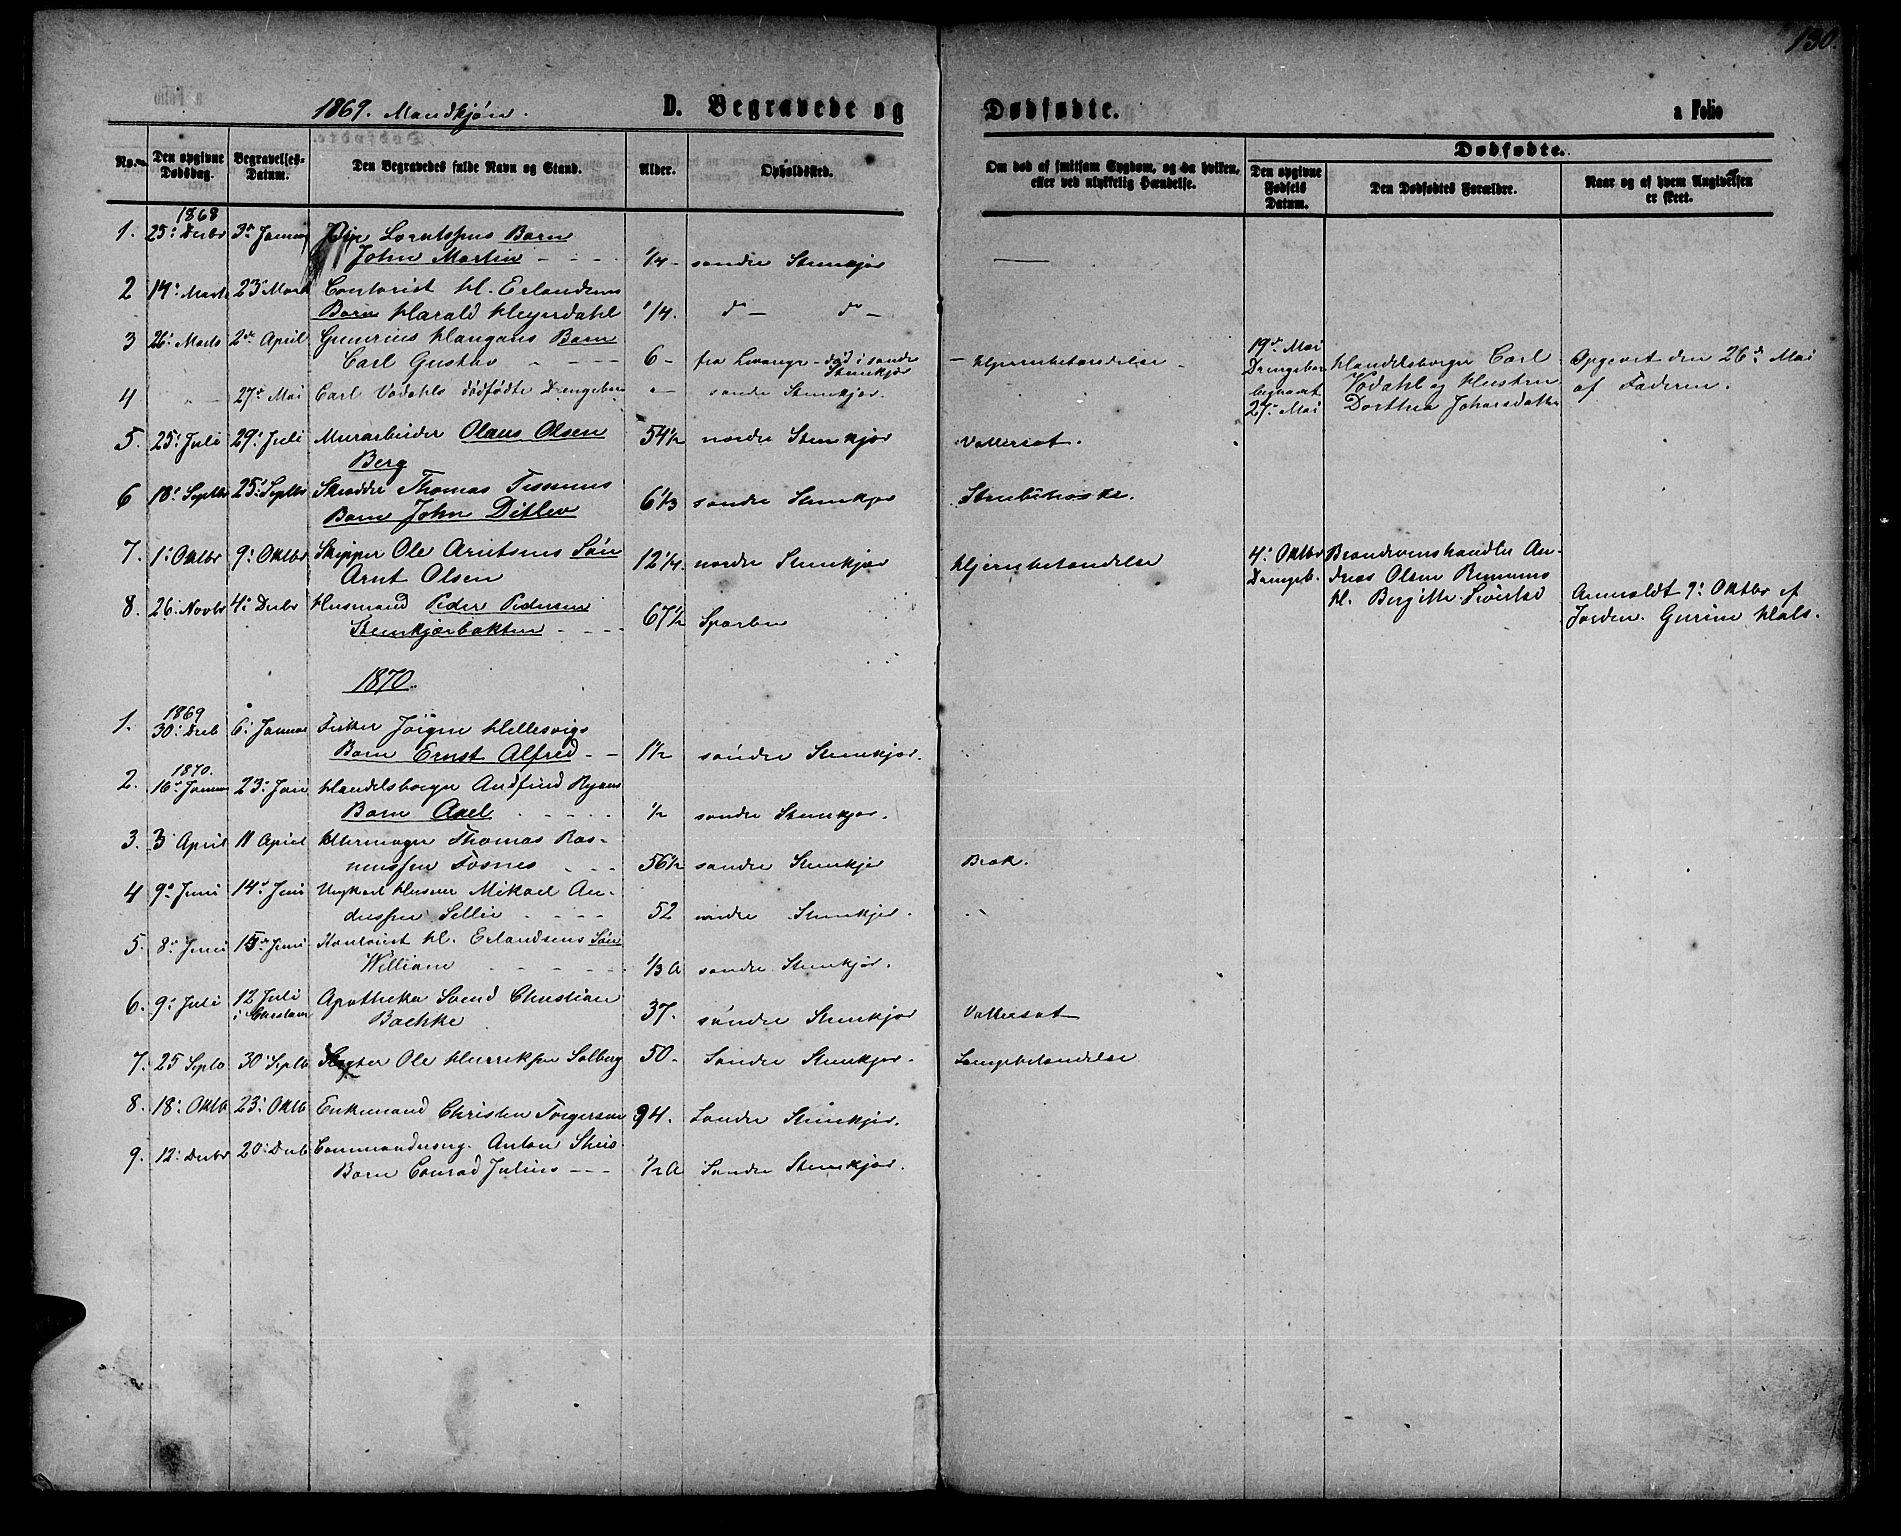 SAT, Ministerialprotokoller, klokkerbøker og fødselsregistre - Nord-Trøndelag, 739/L0373: Klokkerbok nr. 739C01, 1865-1882, s. 130